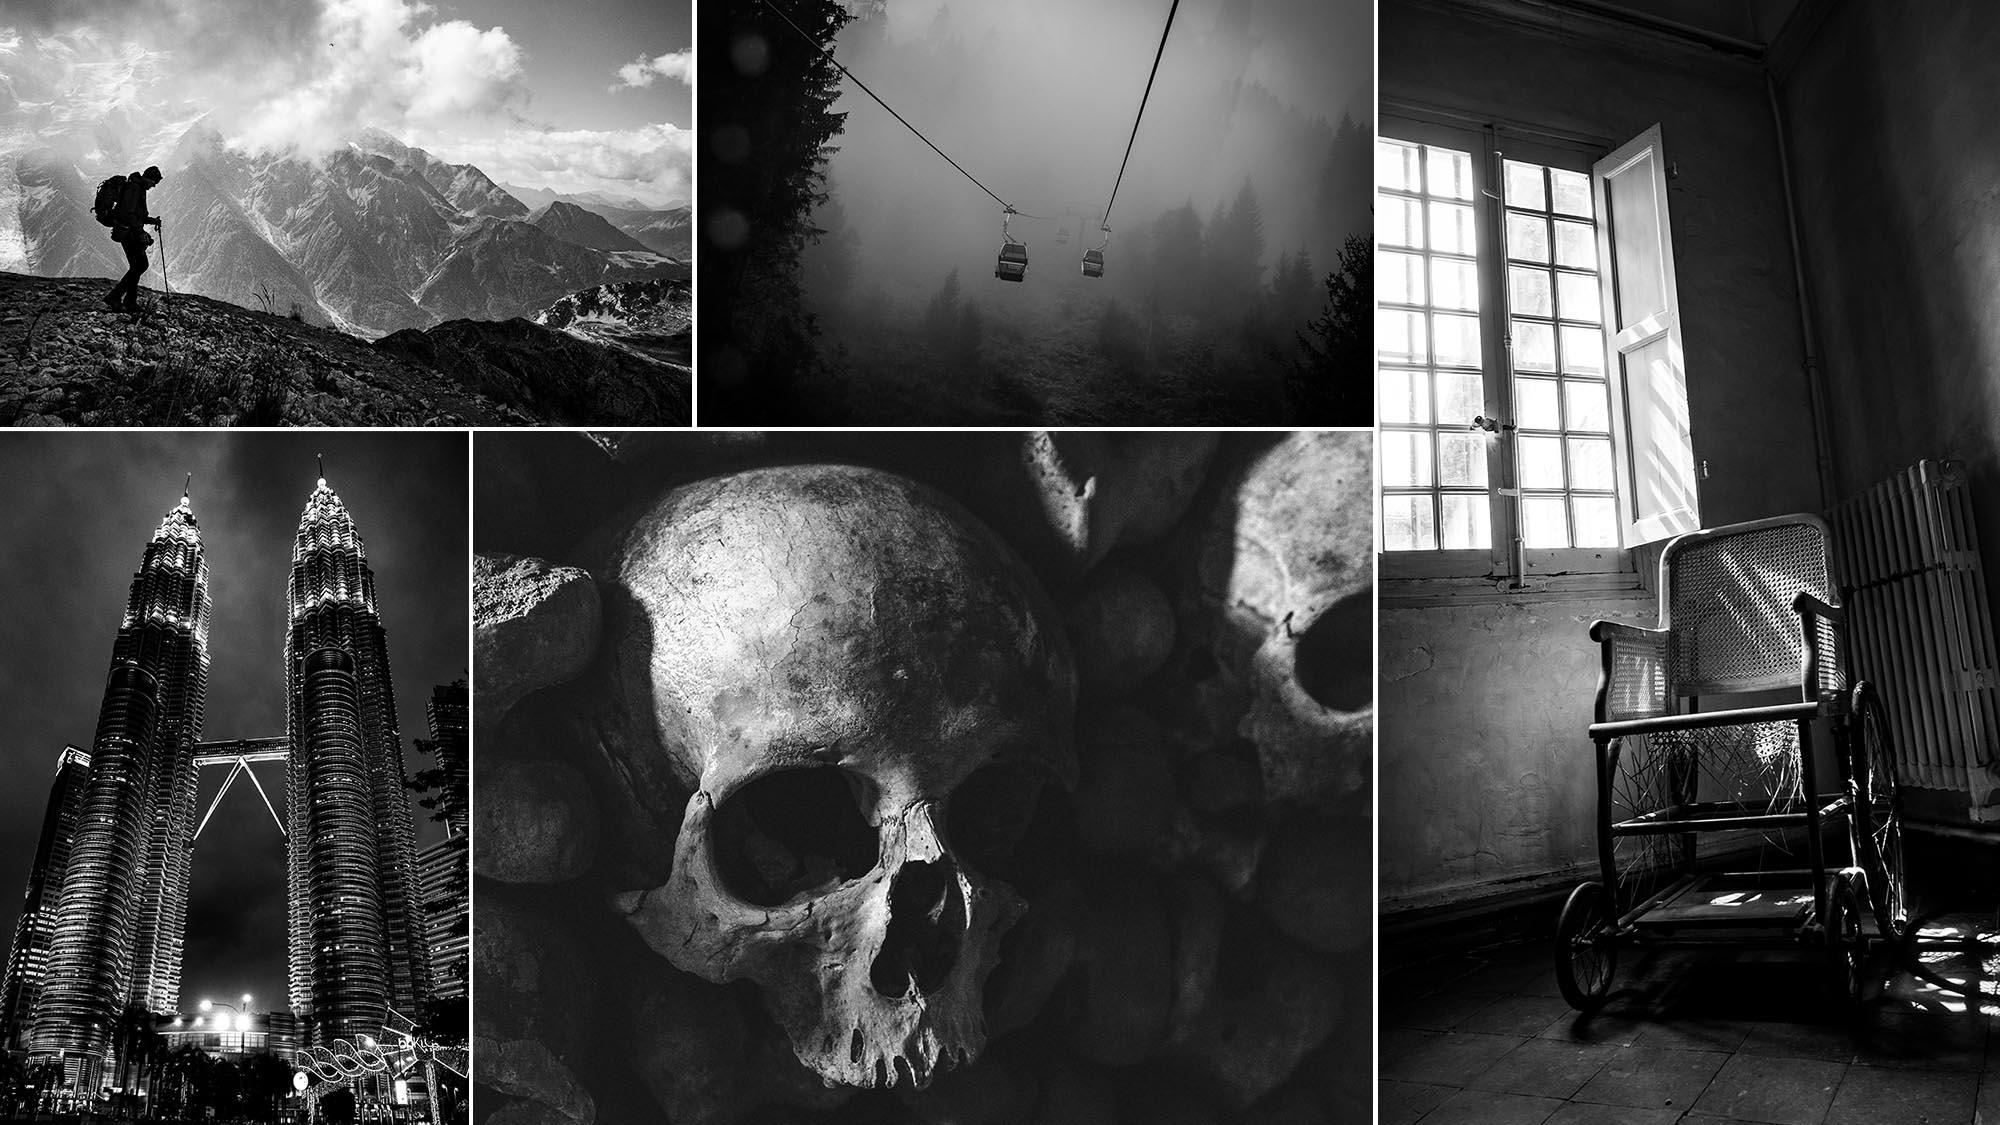 redigera bilder till svartvitt